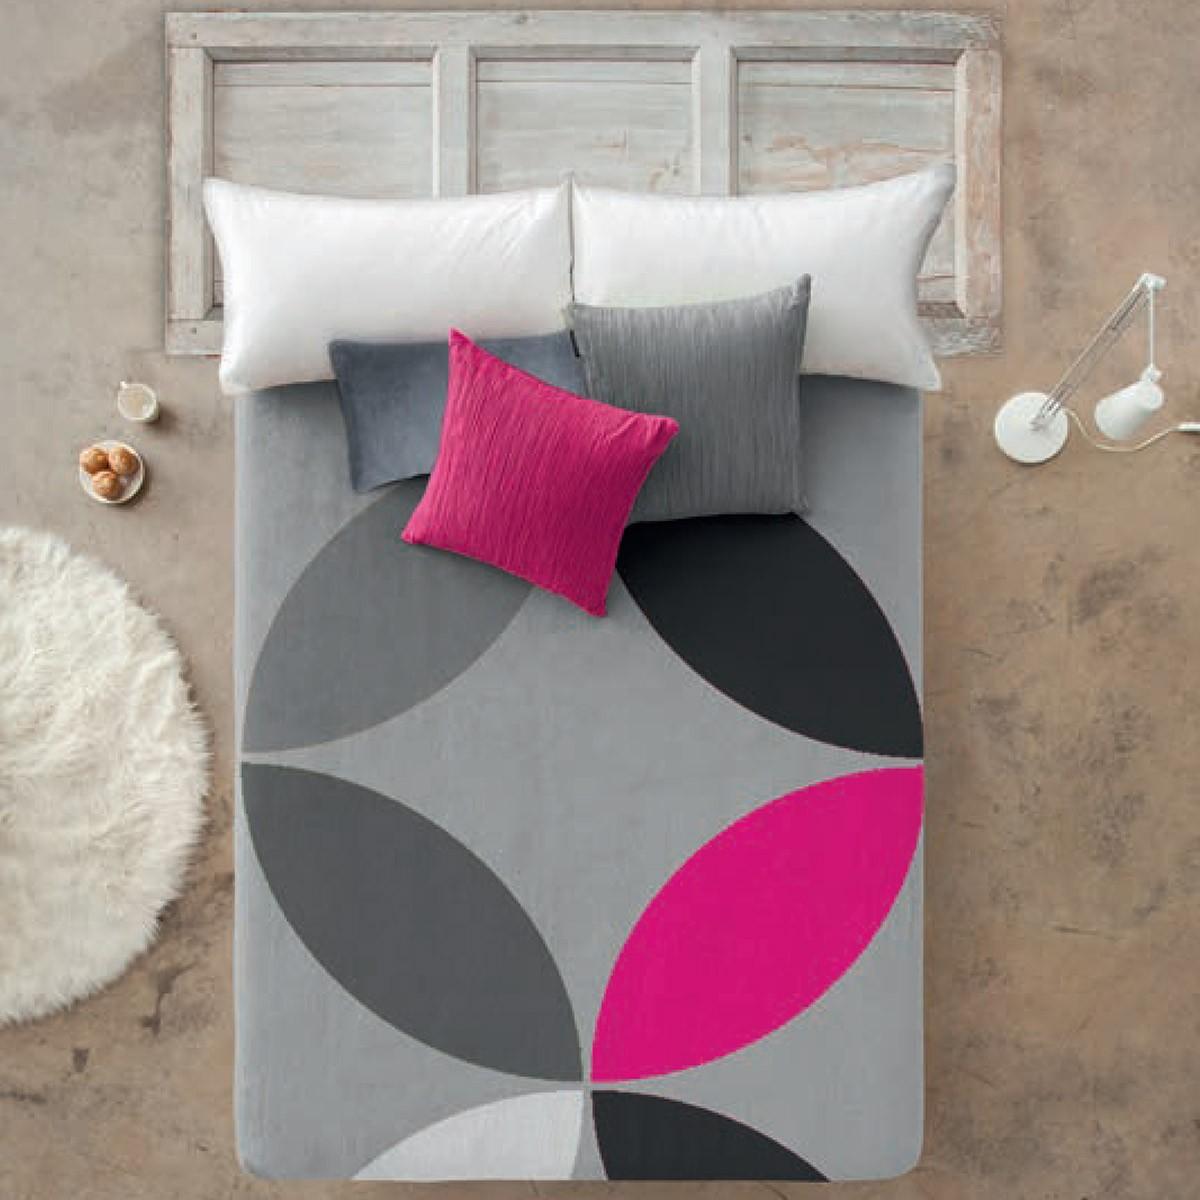 Κουβέρτα Βελουτέ Υπέρδιπλη Manterol Gala 526 C12 home   κρεβατοκάμαρα   κουβέρτες   κουβέρτες βελουτέ υπέρδιπλες